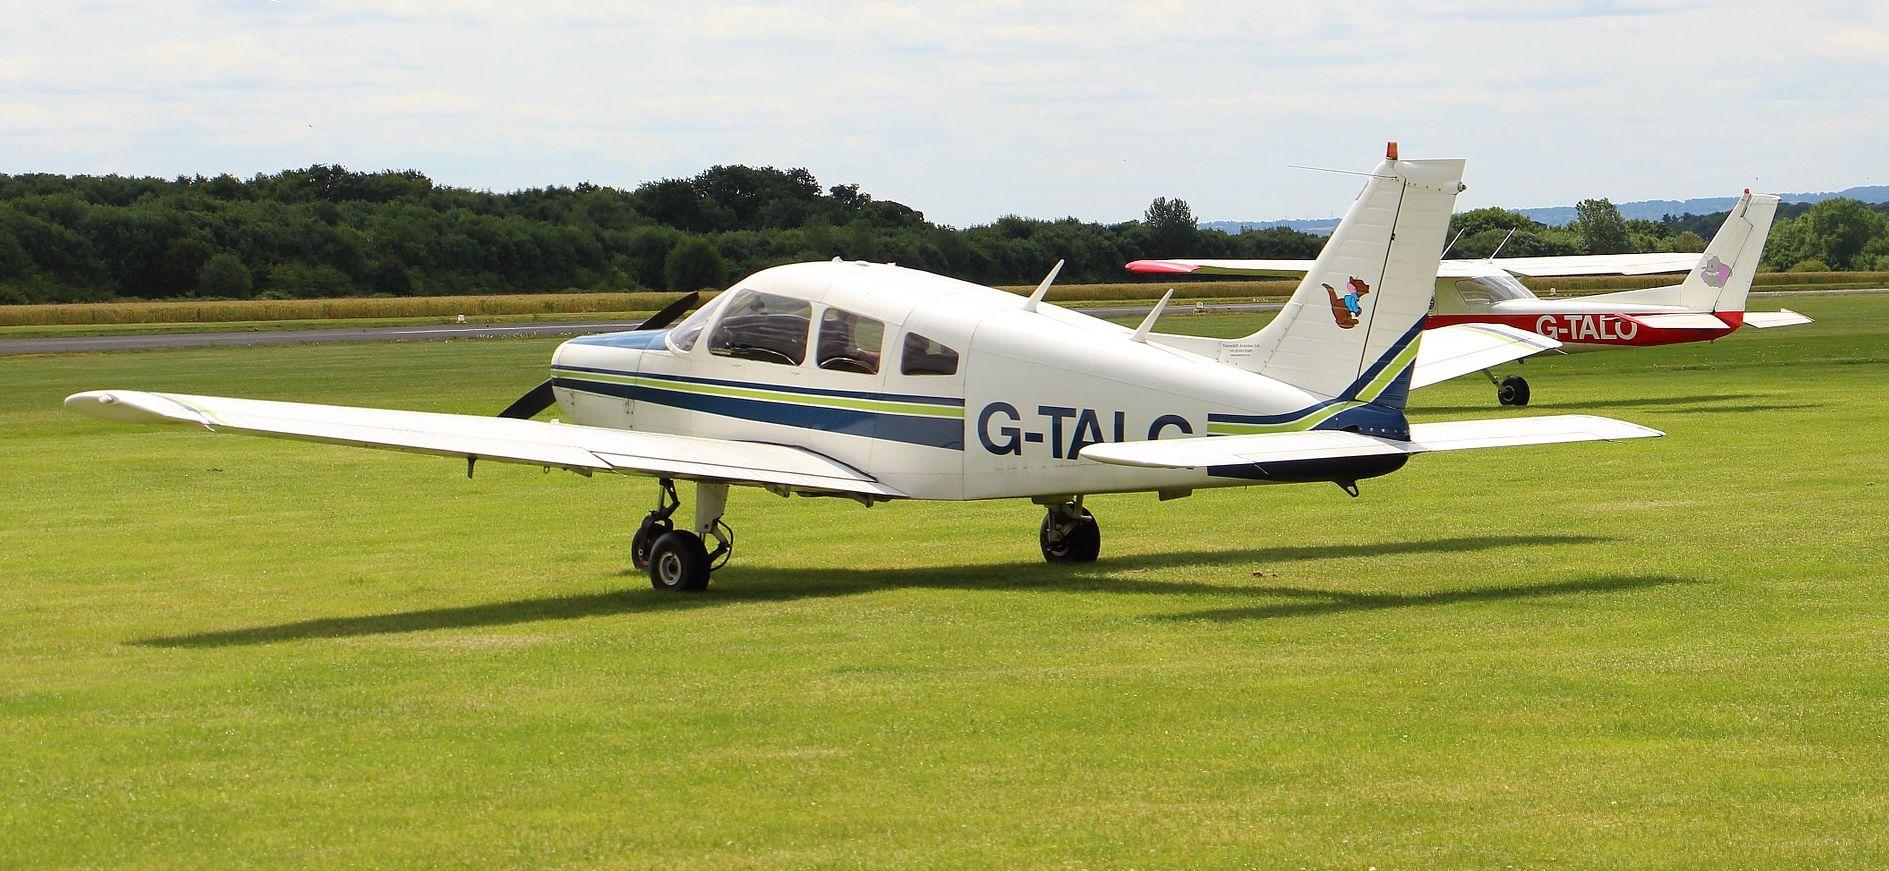 מטוסים פרטיים כלוויינים